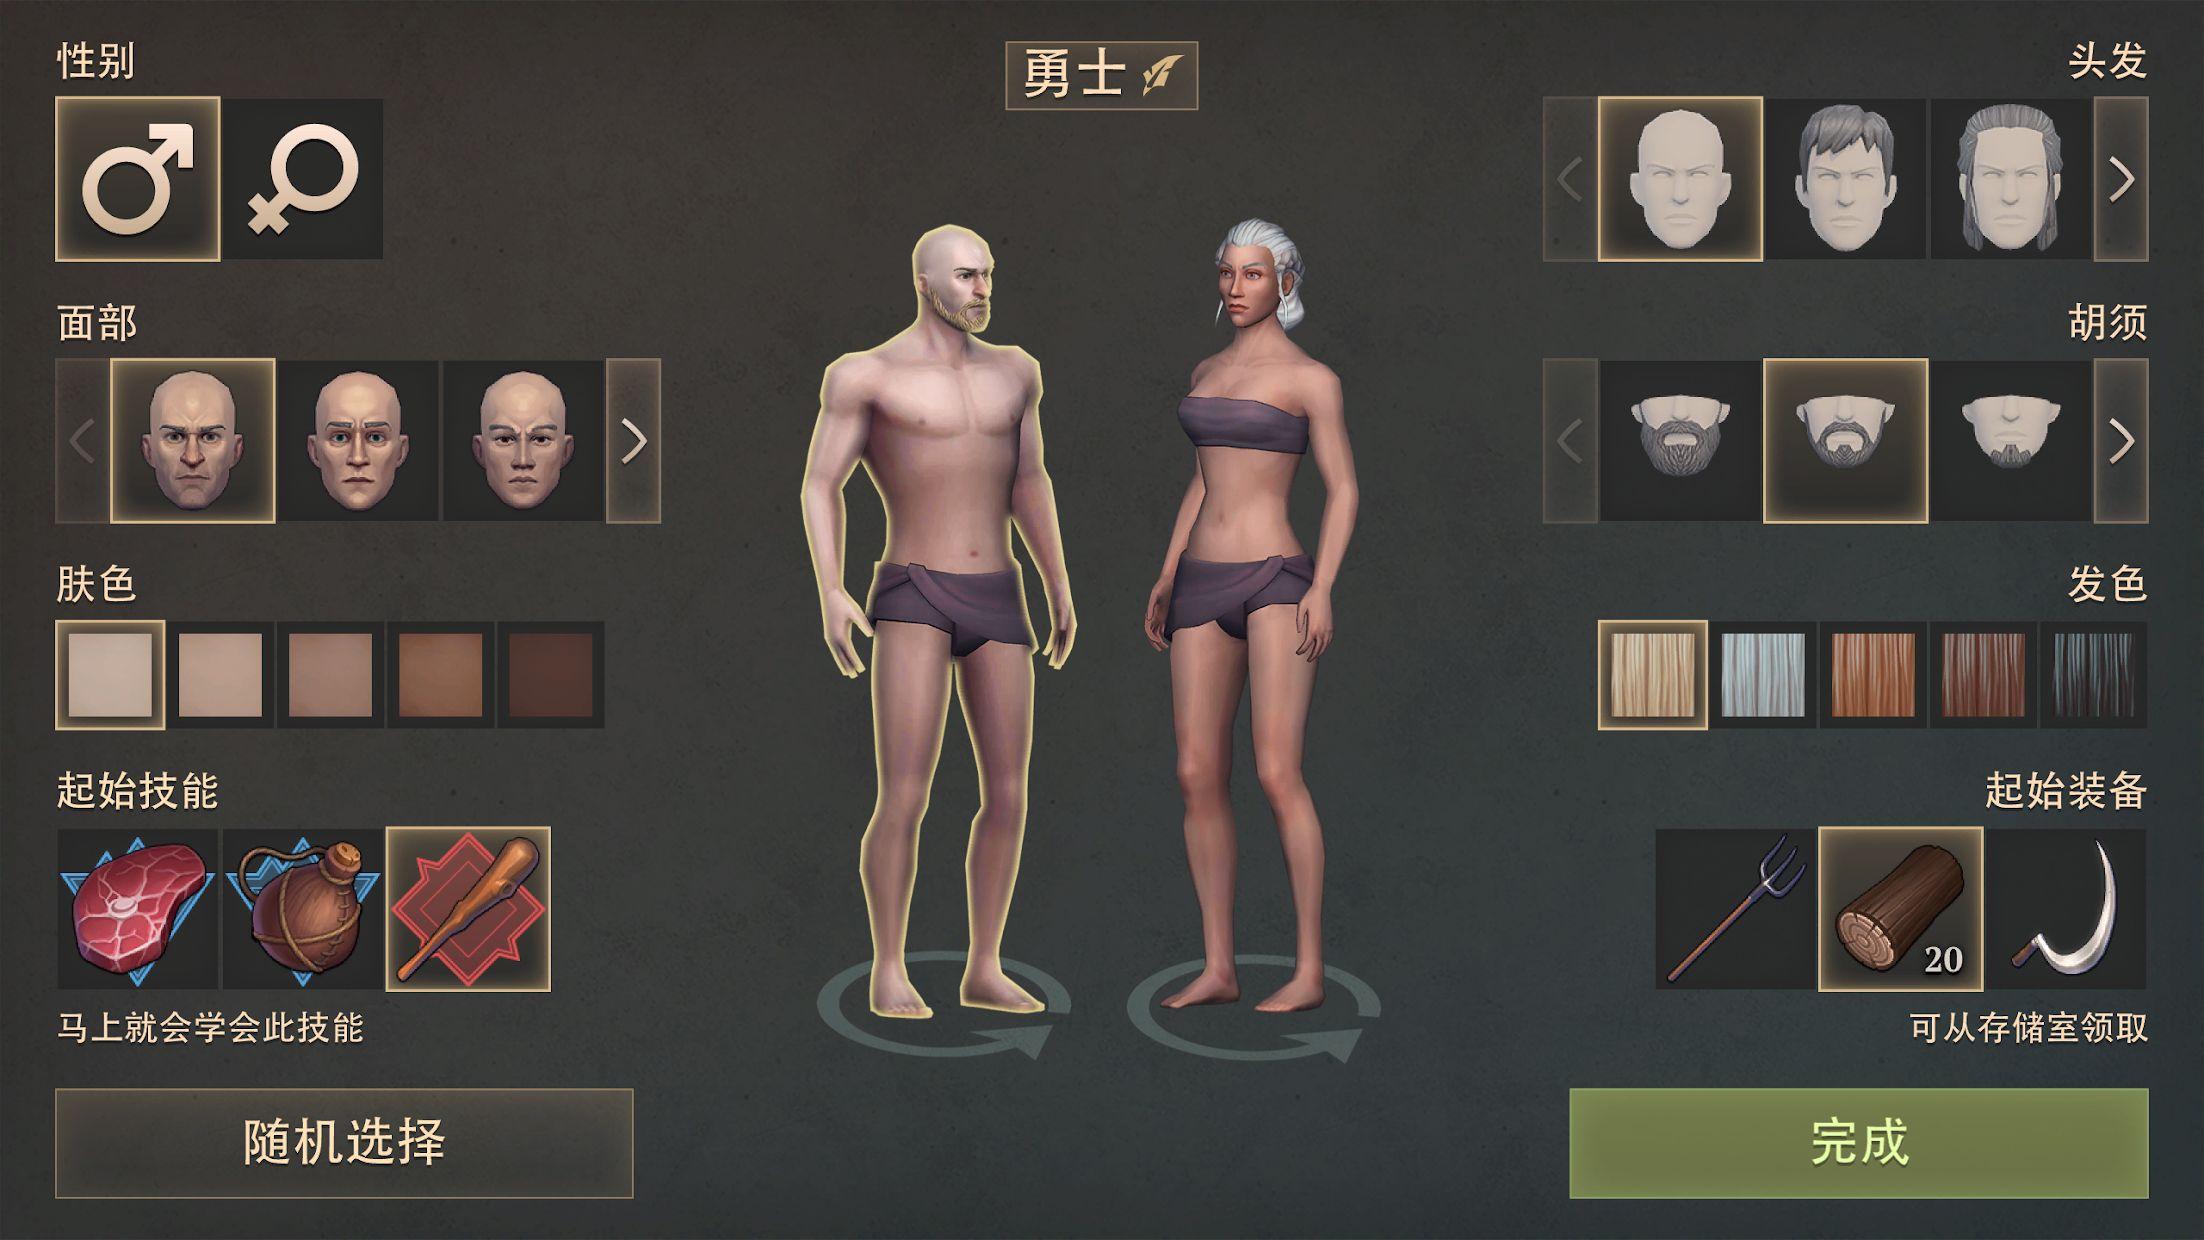 冷酷灵魂:黑暗幻想生存游戏 游戏截图1